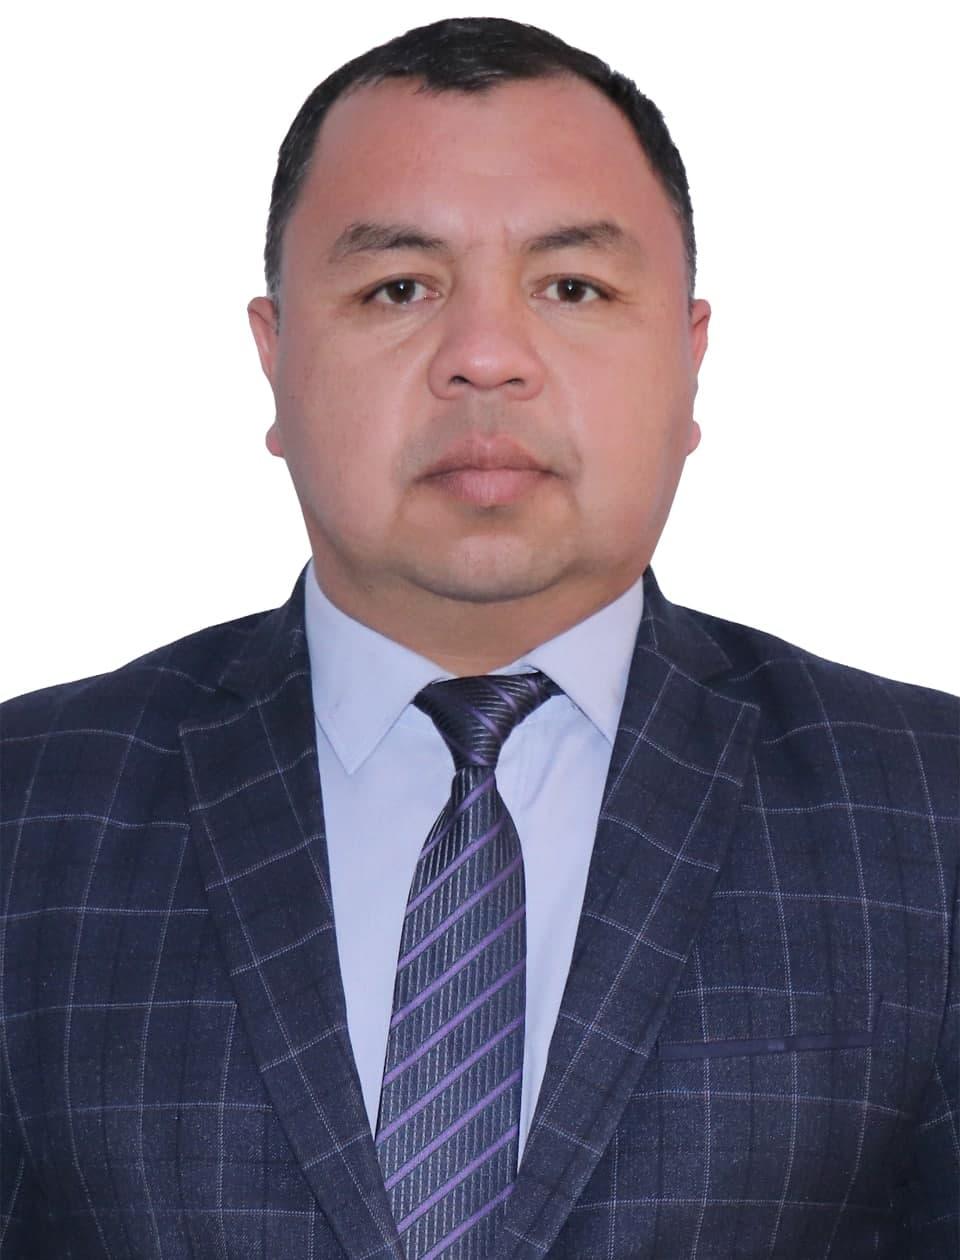 Қодиров Акмал  Рашидович